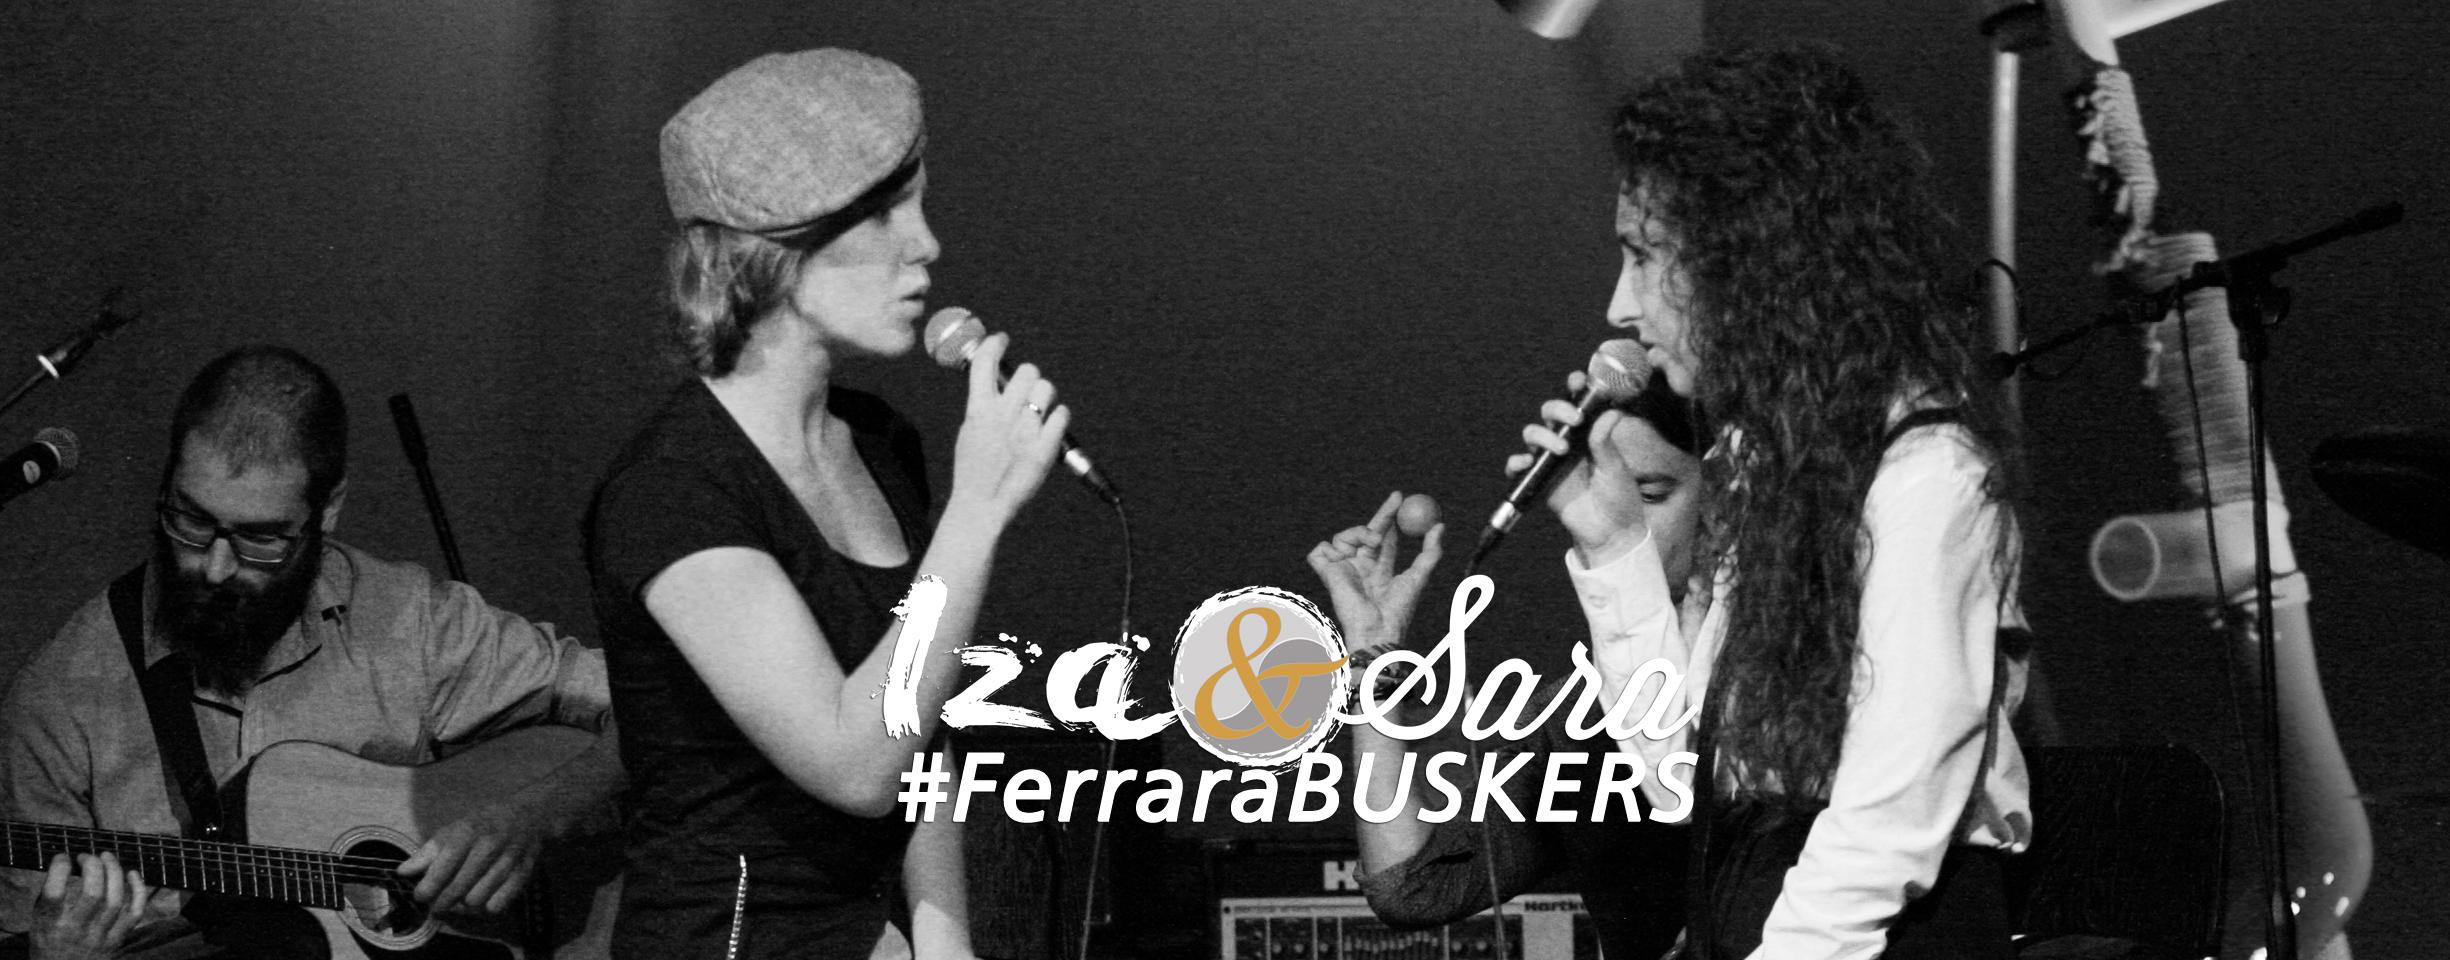 Iza&Sara @Ferrara Buskers Festival (Ferrara)